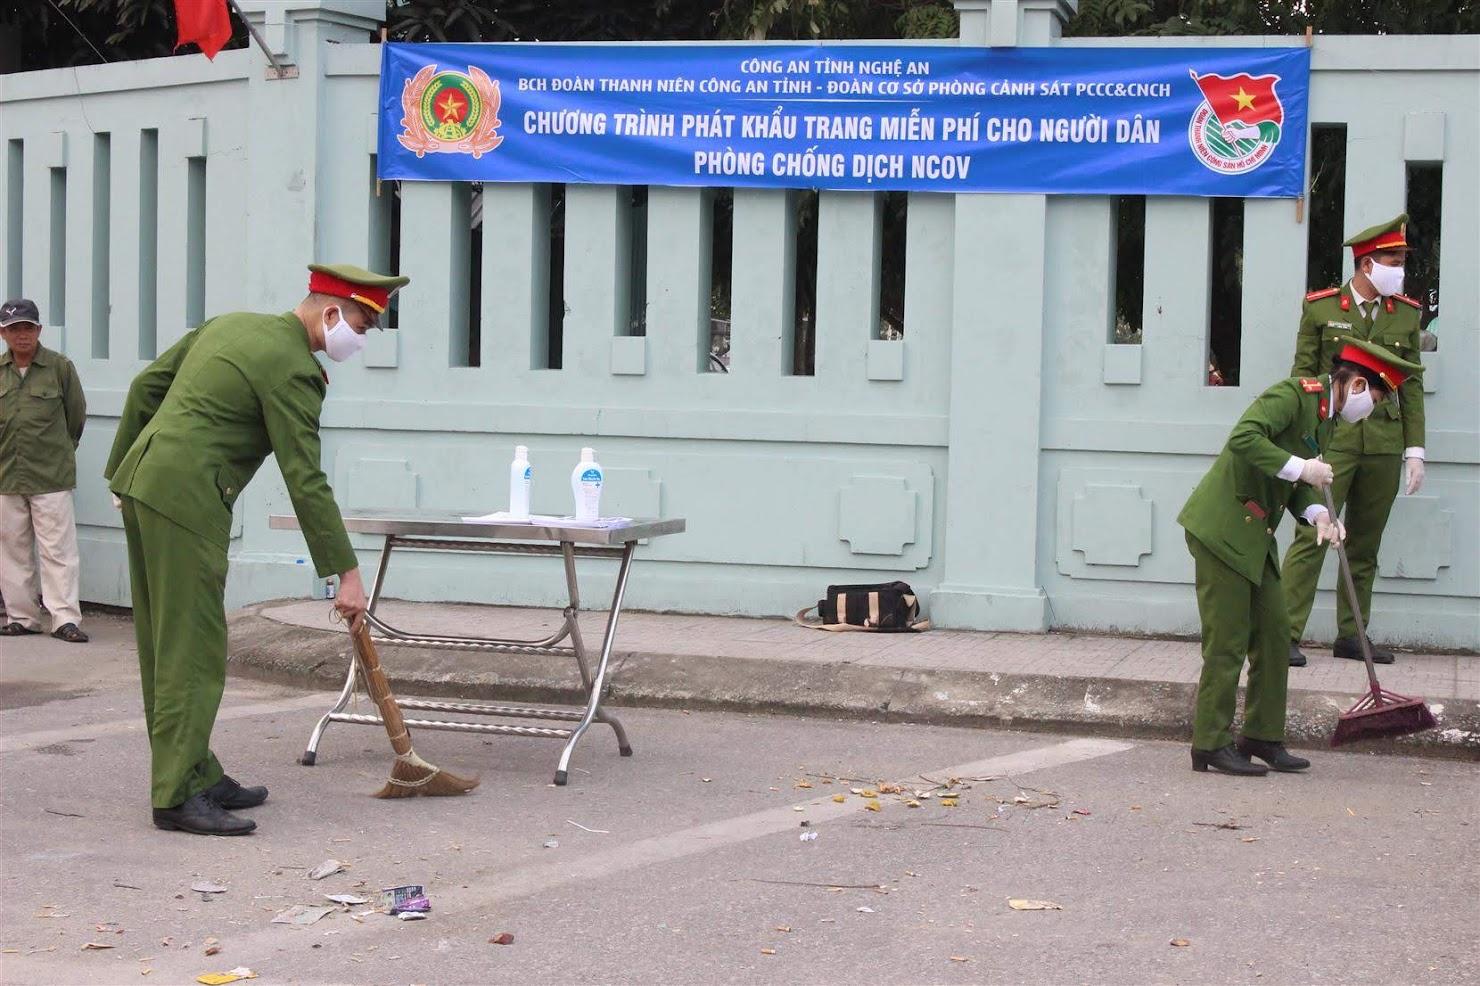 Đoàn viên Phòng Cảnh sát PCCC và Cứu nạn cứu hộ dọn dẹp vệ sinh tại cổng bệnh viện Hữu Nghị Đa khoa Nghệ An trước khi phát khẩu trang.